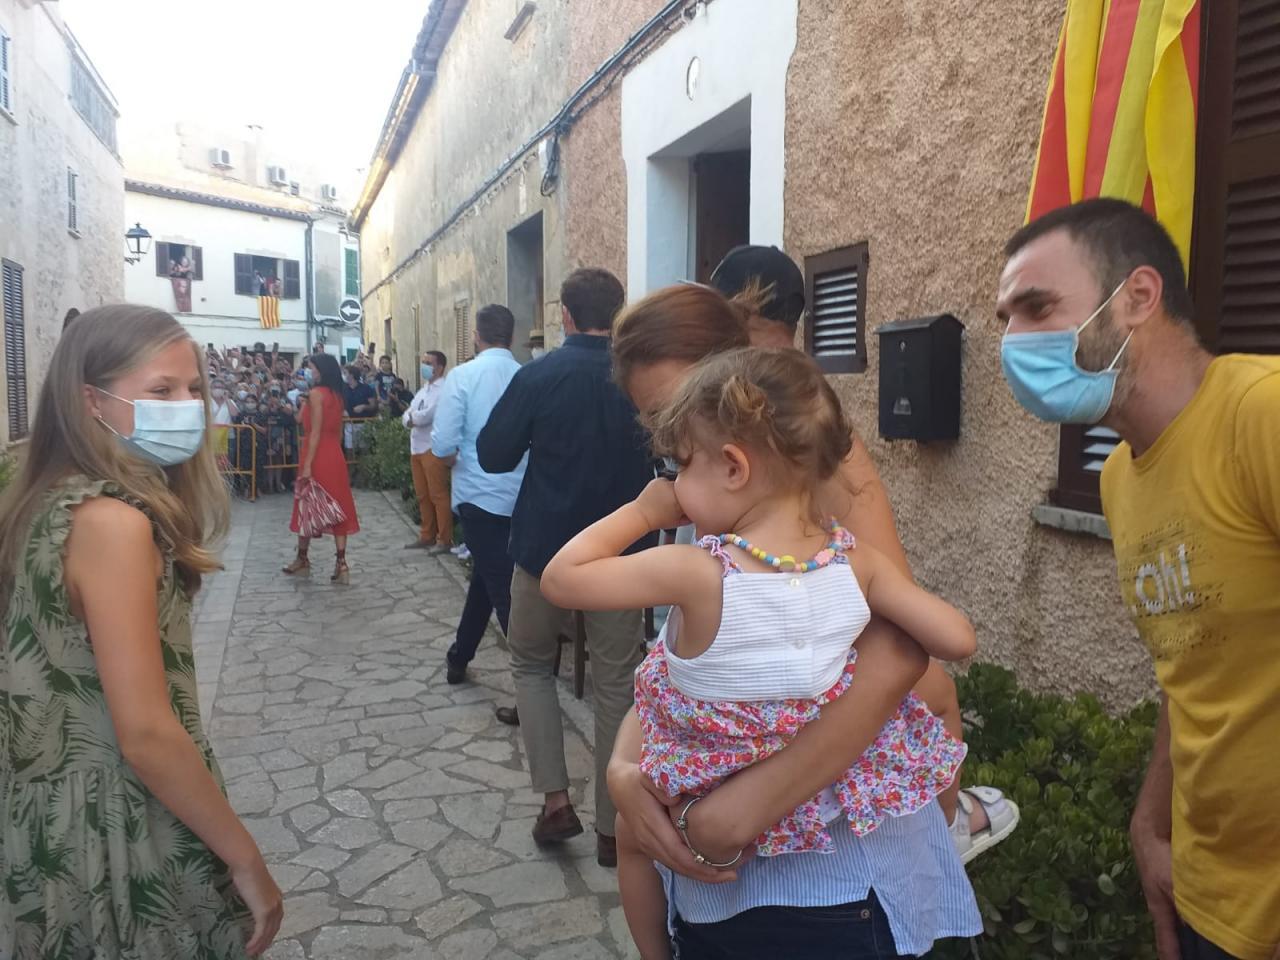 La Princesa de Asturias se ha detenido con una niña. Al fondo se ve la manifestación a favor de la Monarquía.